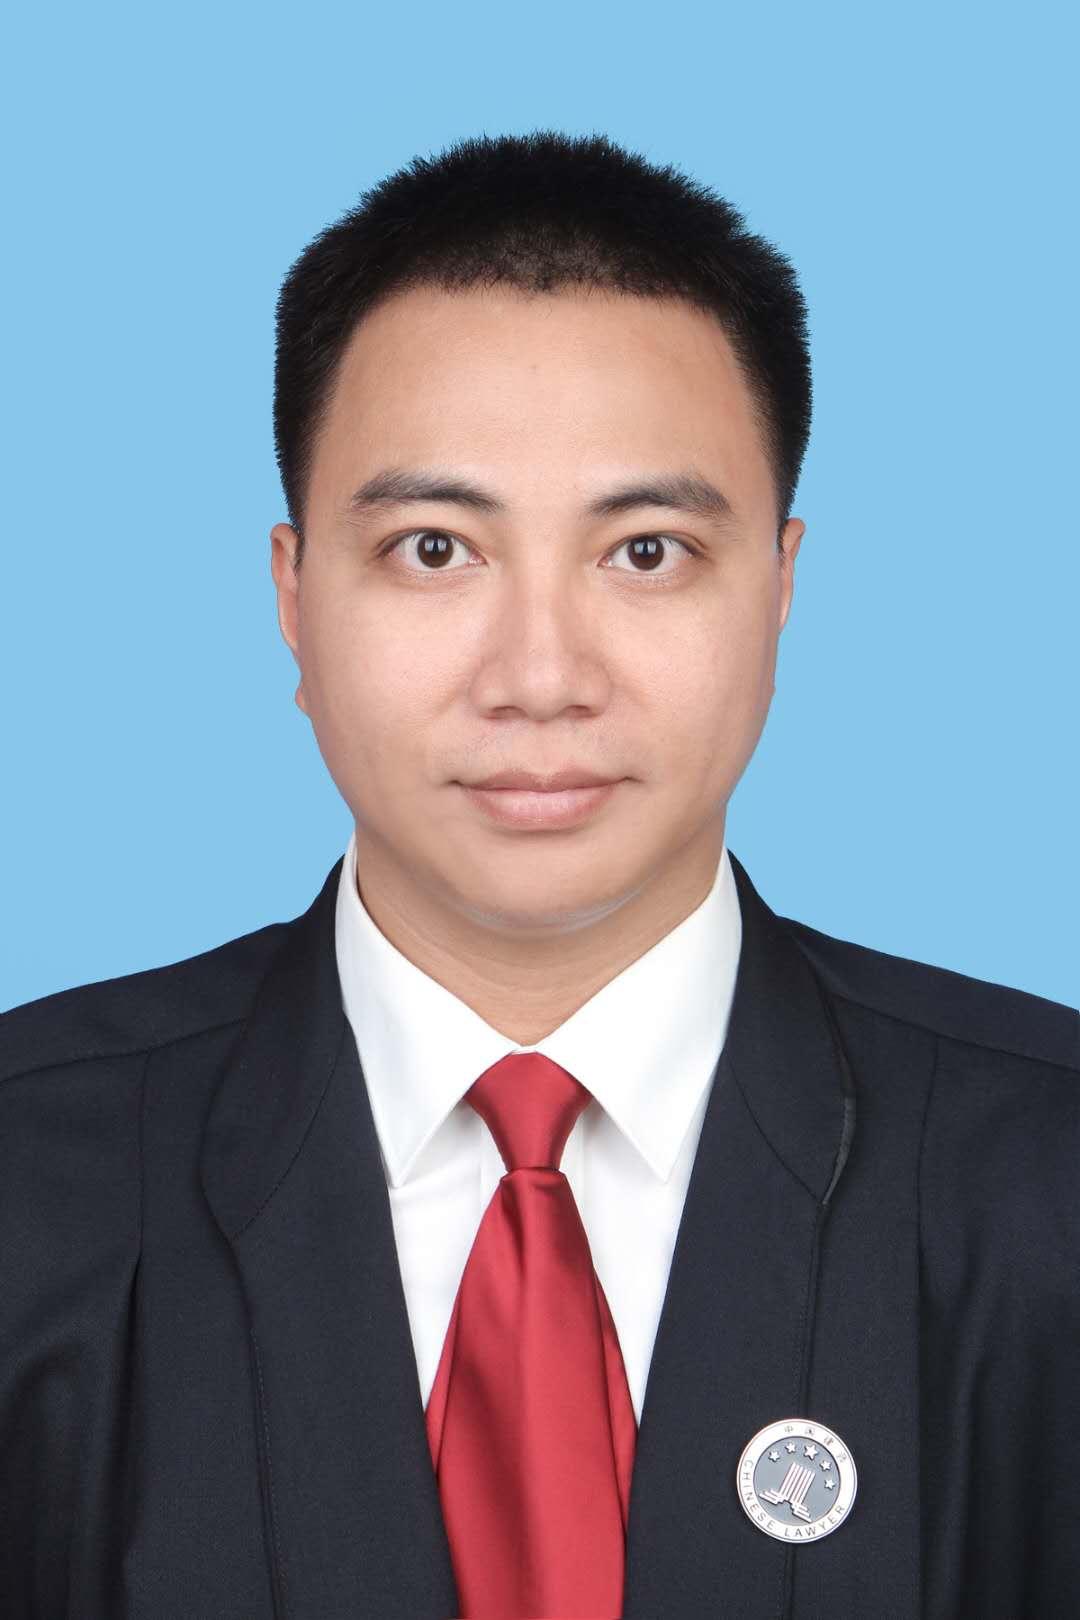 柳州潘冠霖律师